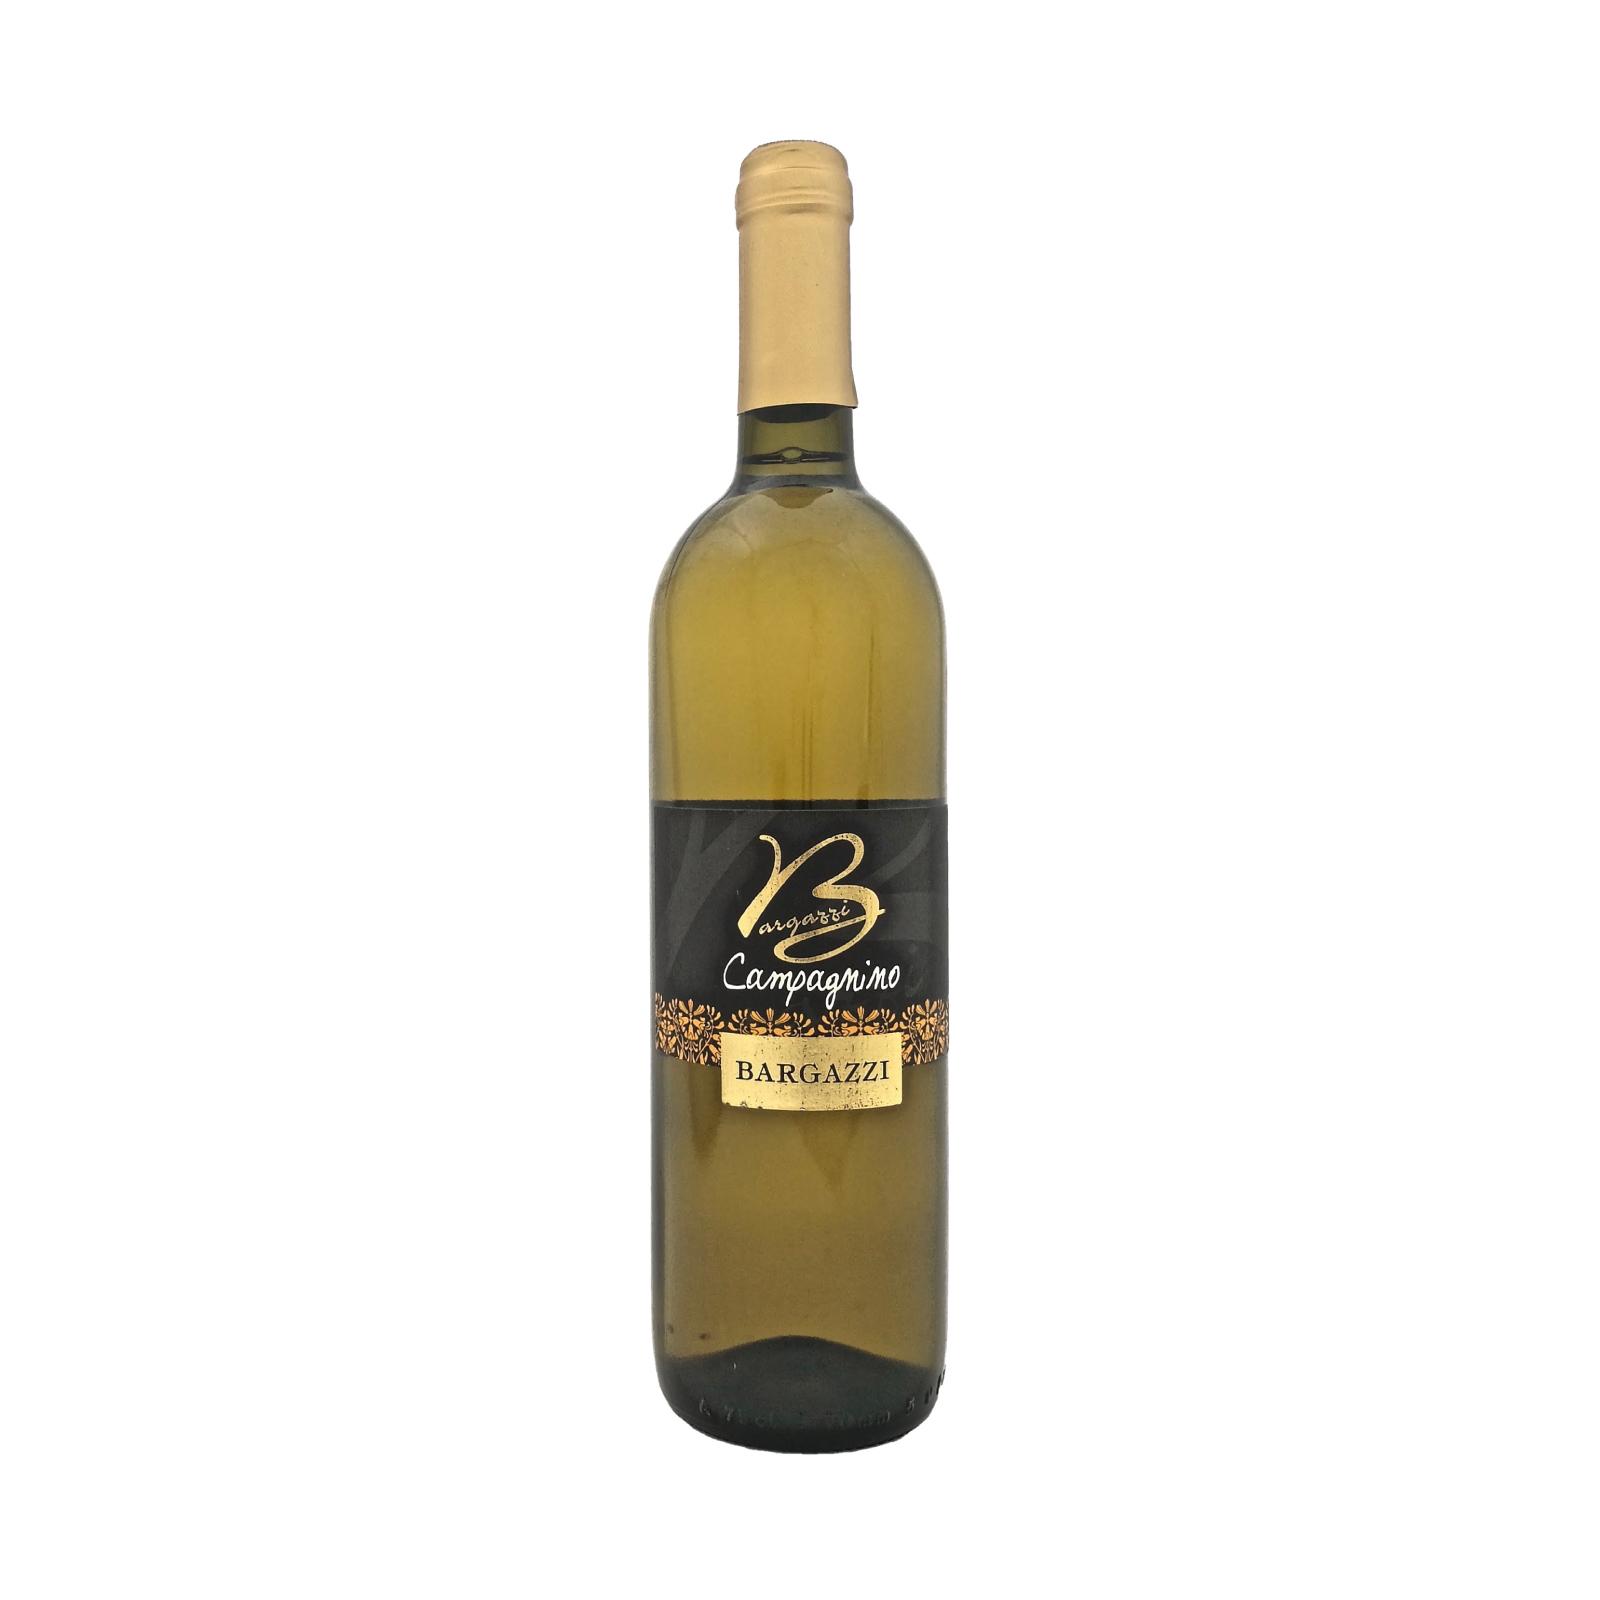 Campagnino Vino Bianco Colli Piacentini - Azienda Vitivinicola Cantina Bargazzi